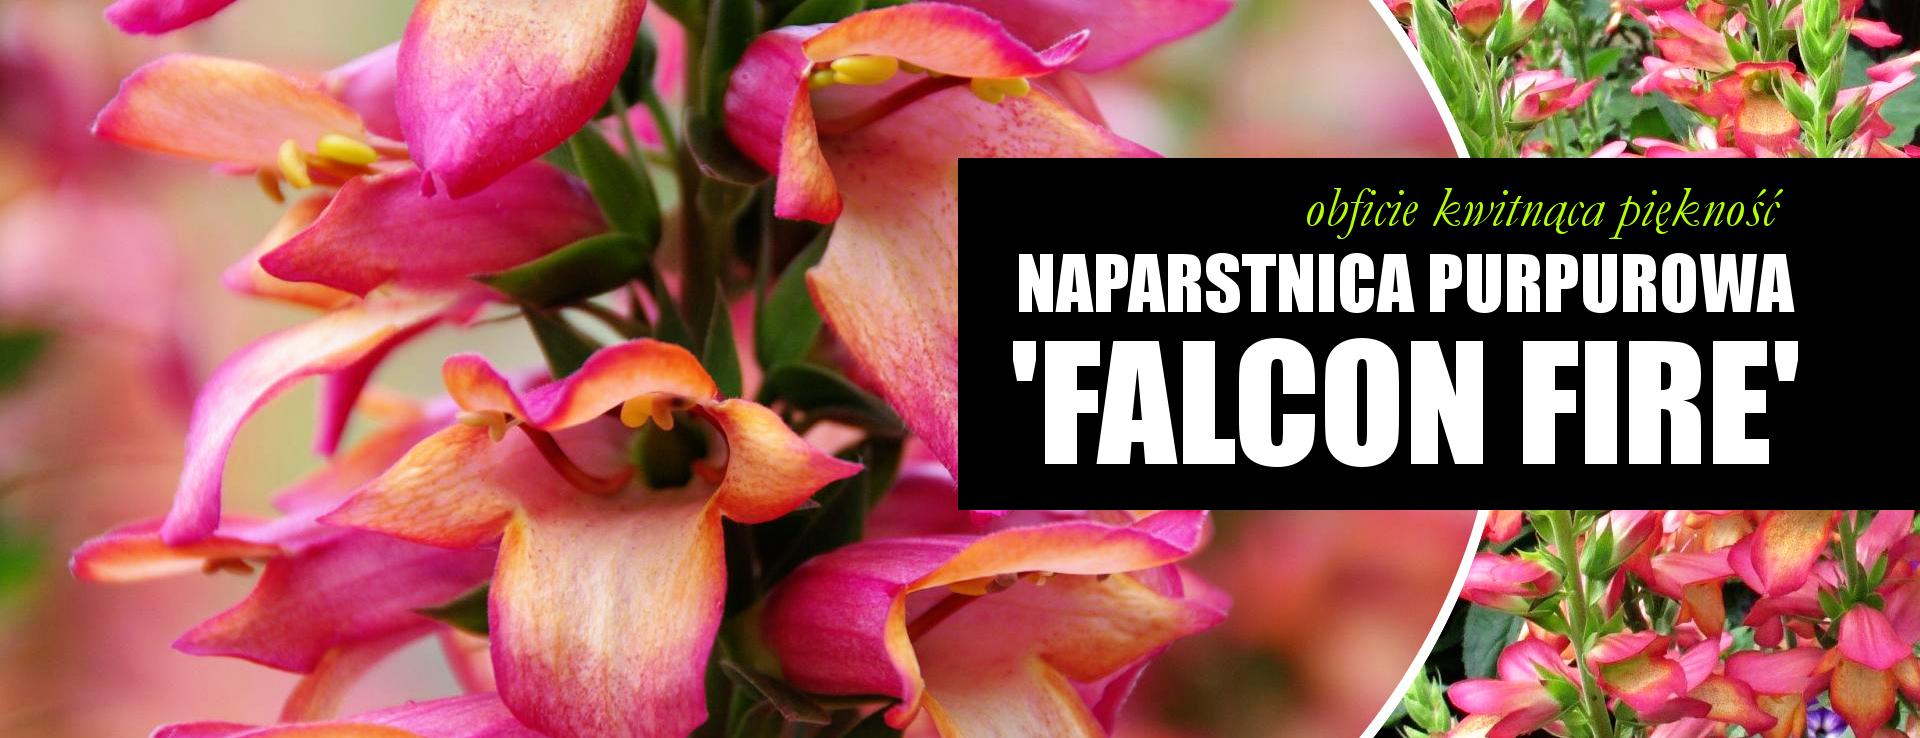 Naparstnica purpurowa 'Falcon Fire' digitalis SKLEP INTERNETOWY Z ROSLINAMI